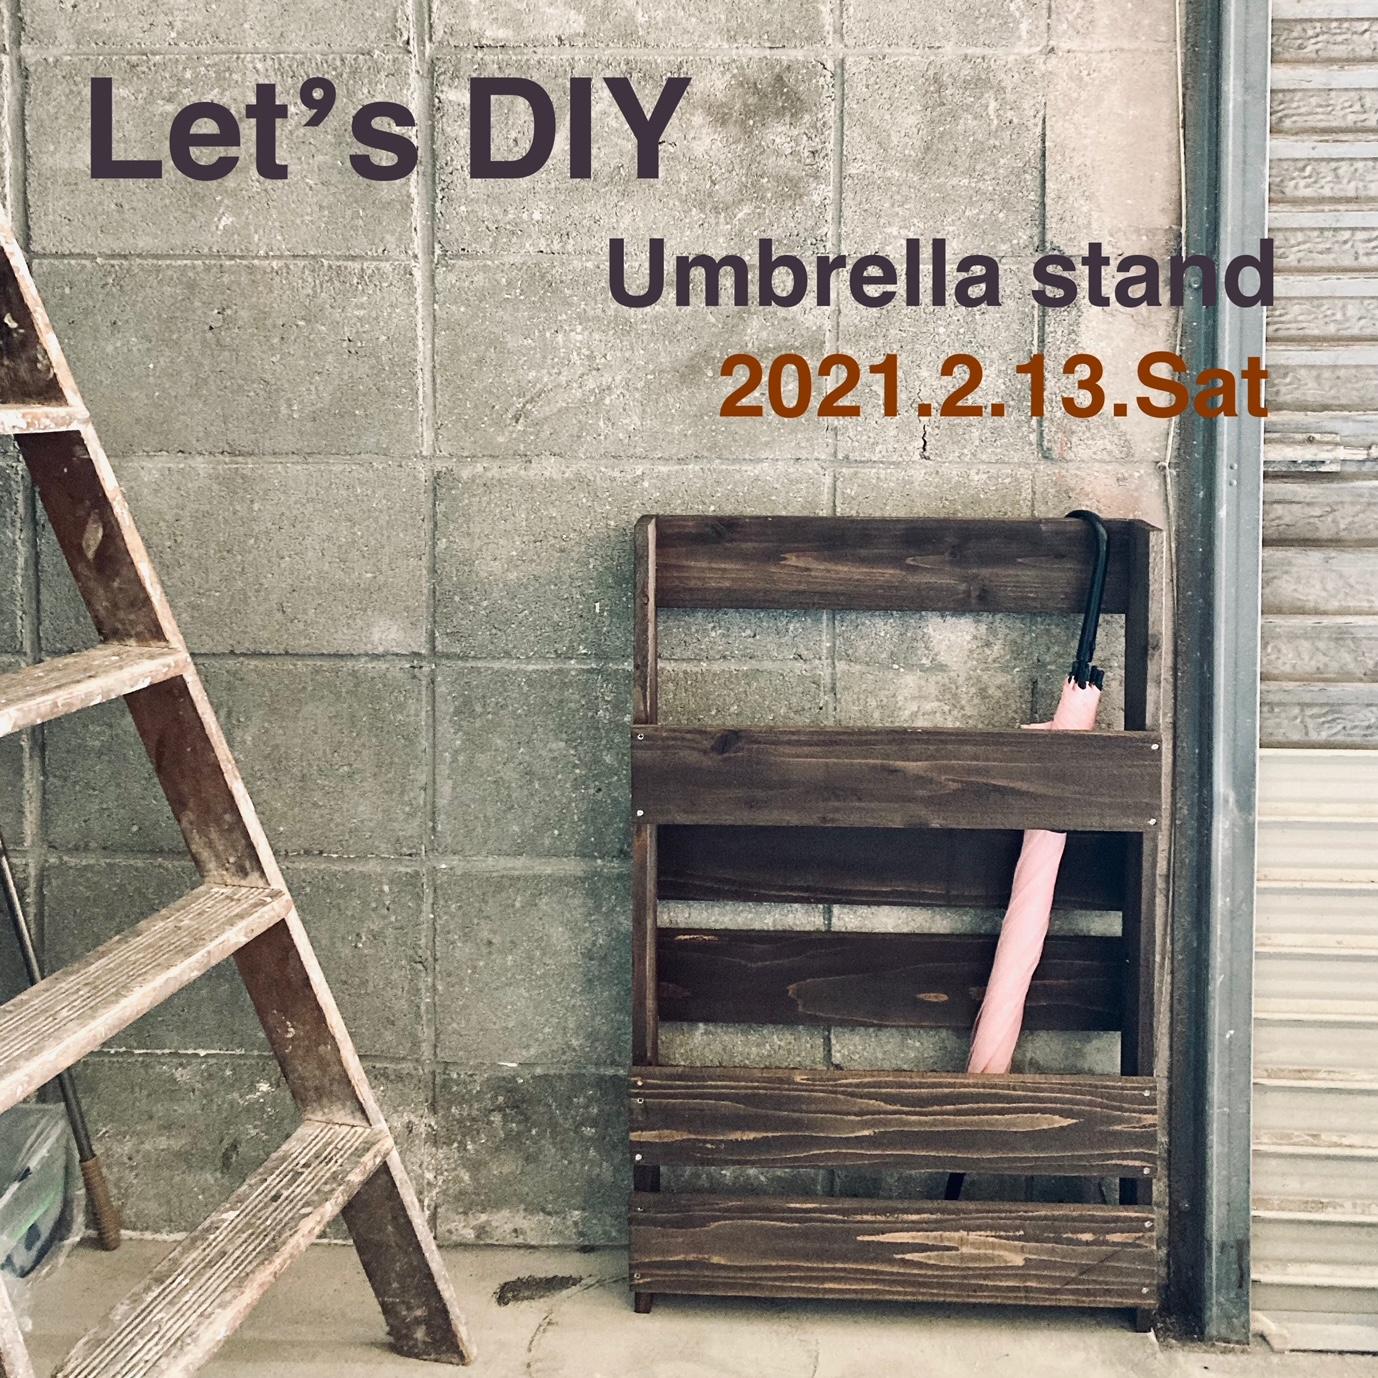 Let'DIY Umbrella stand(傘立て)を作ろう♪